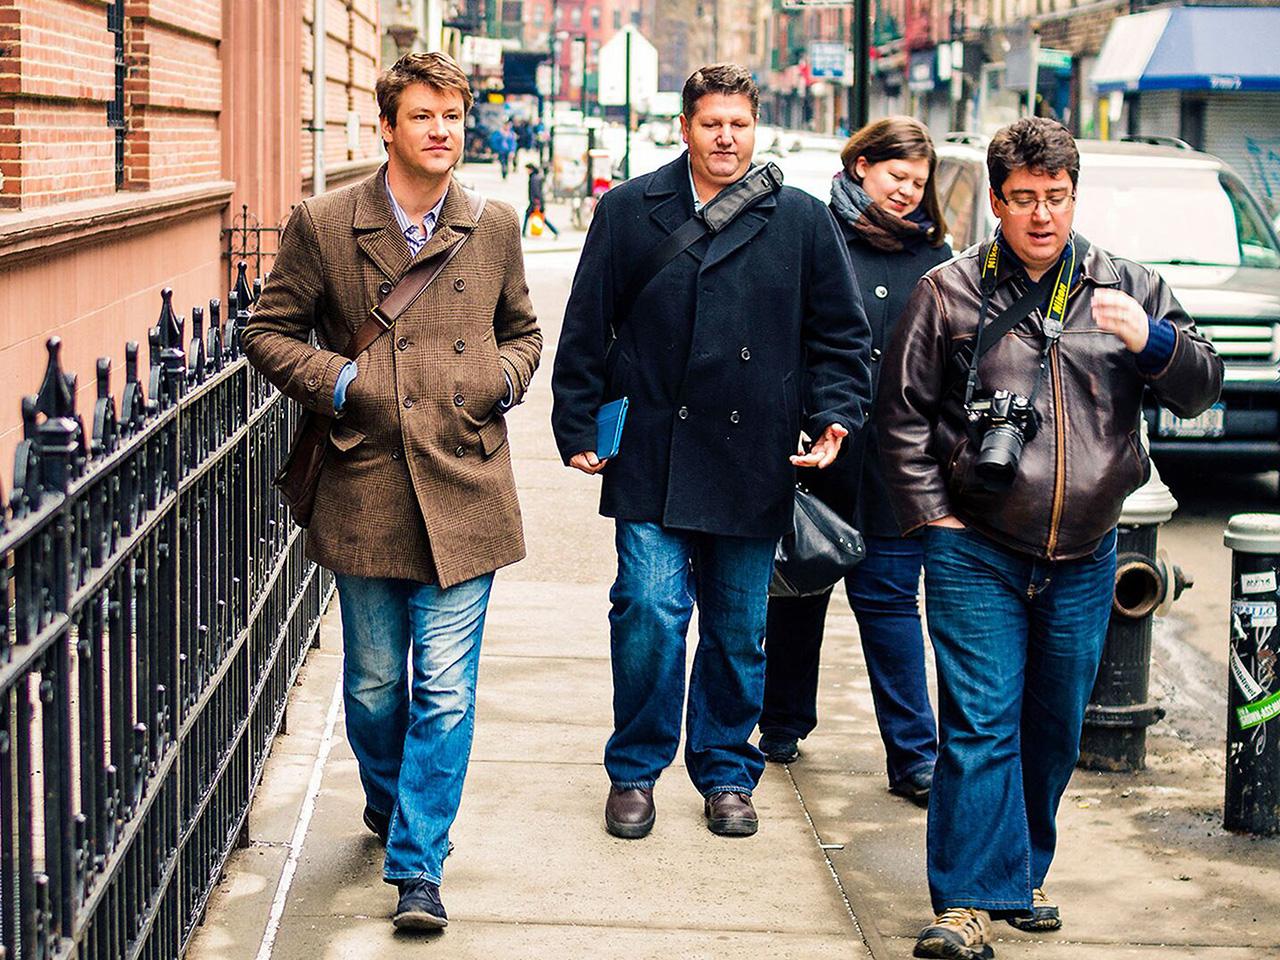 Walking tour in NYC